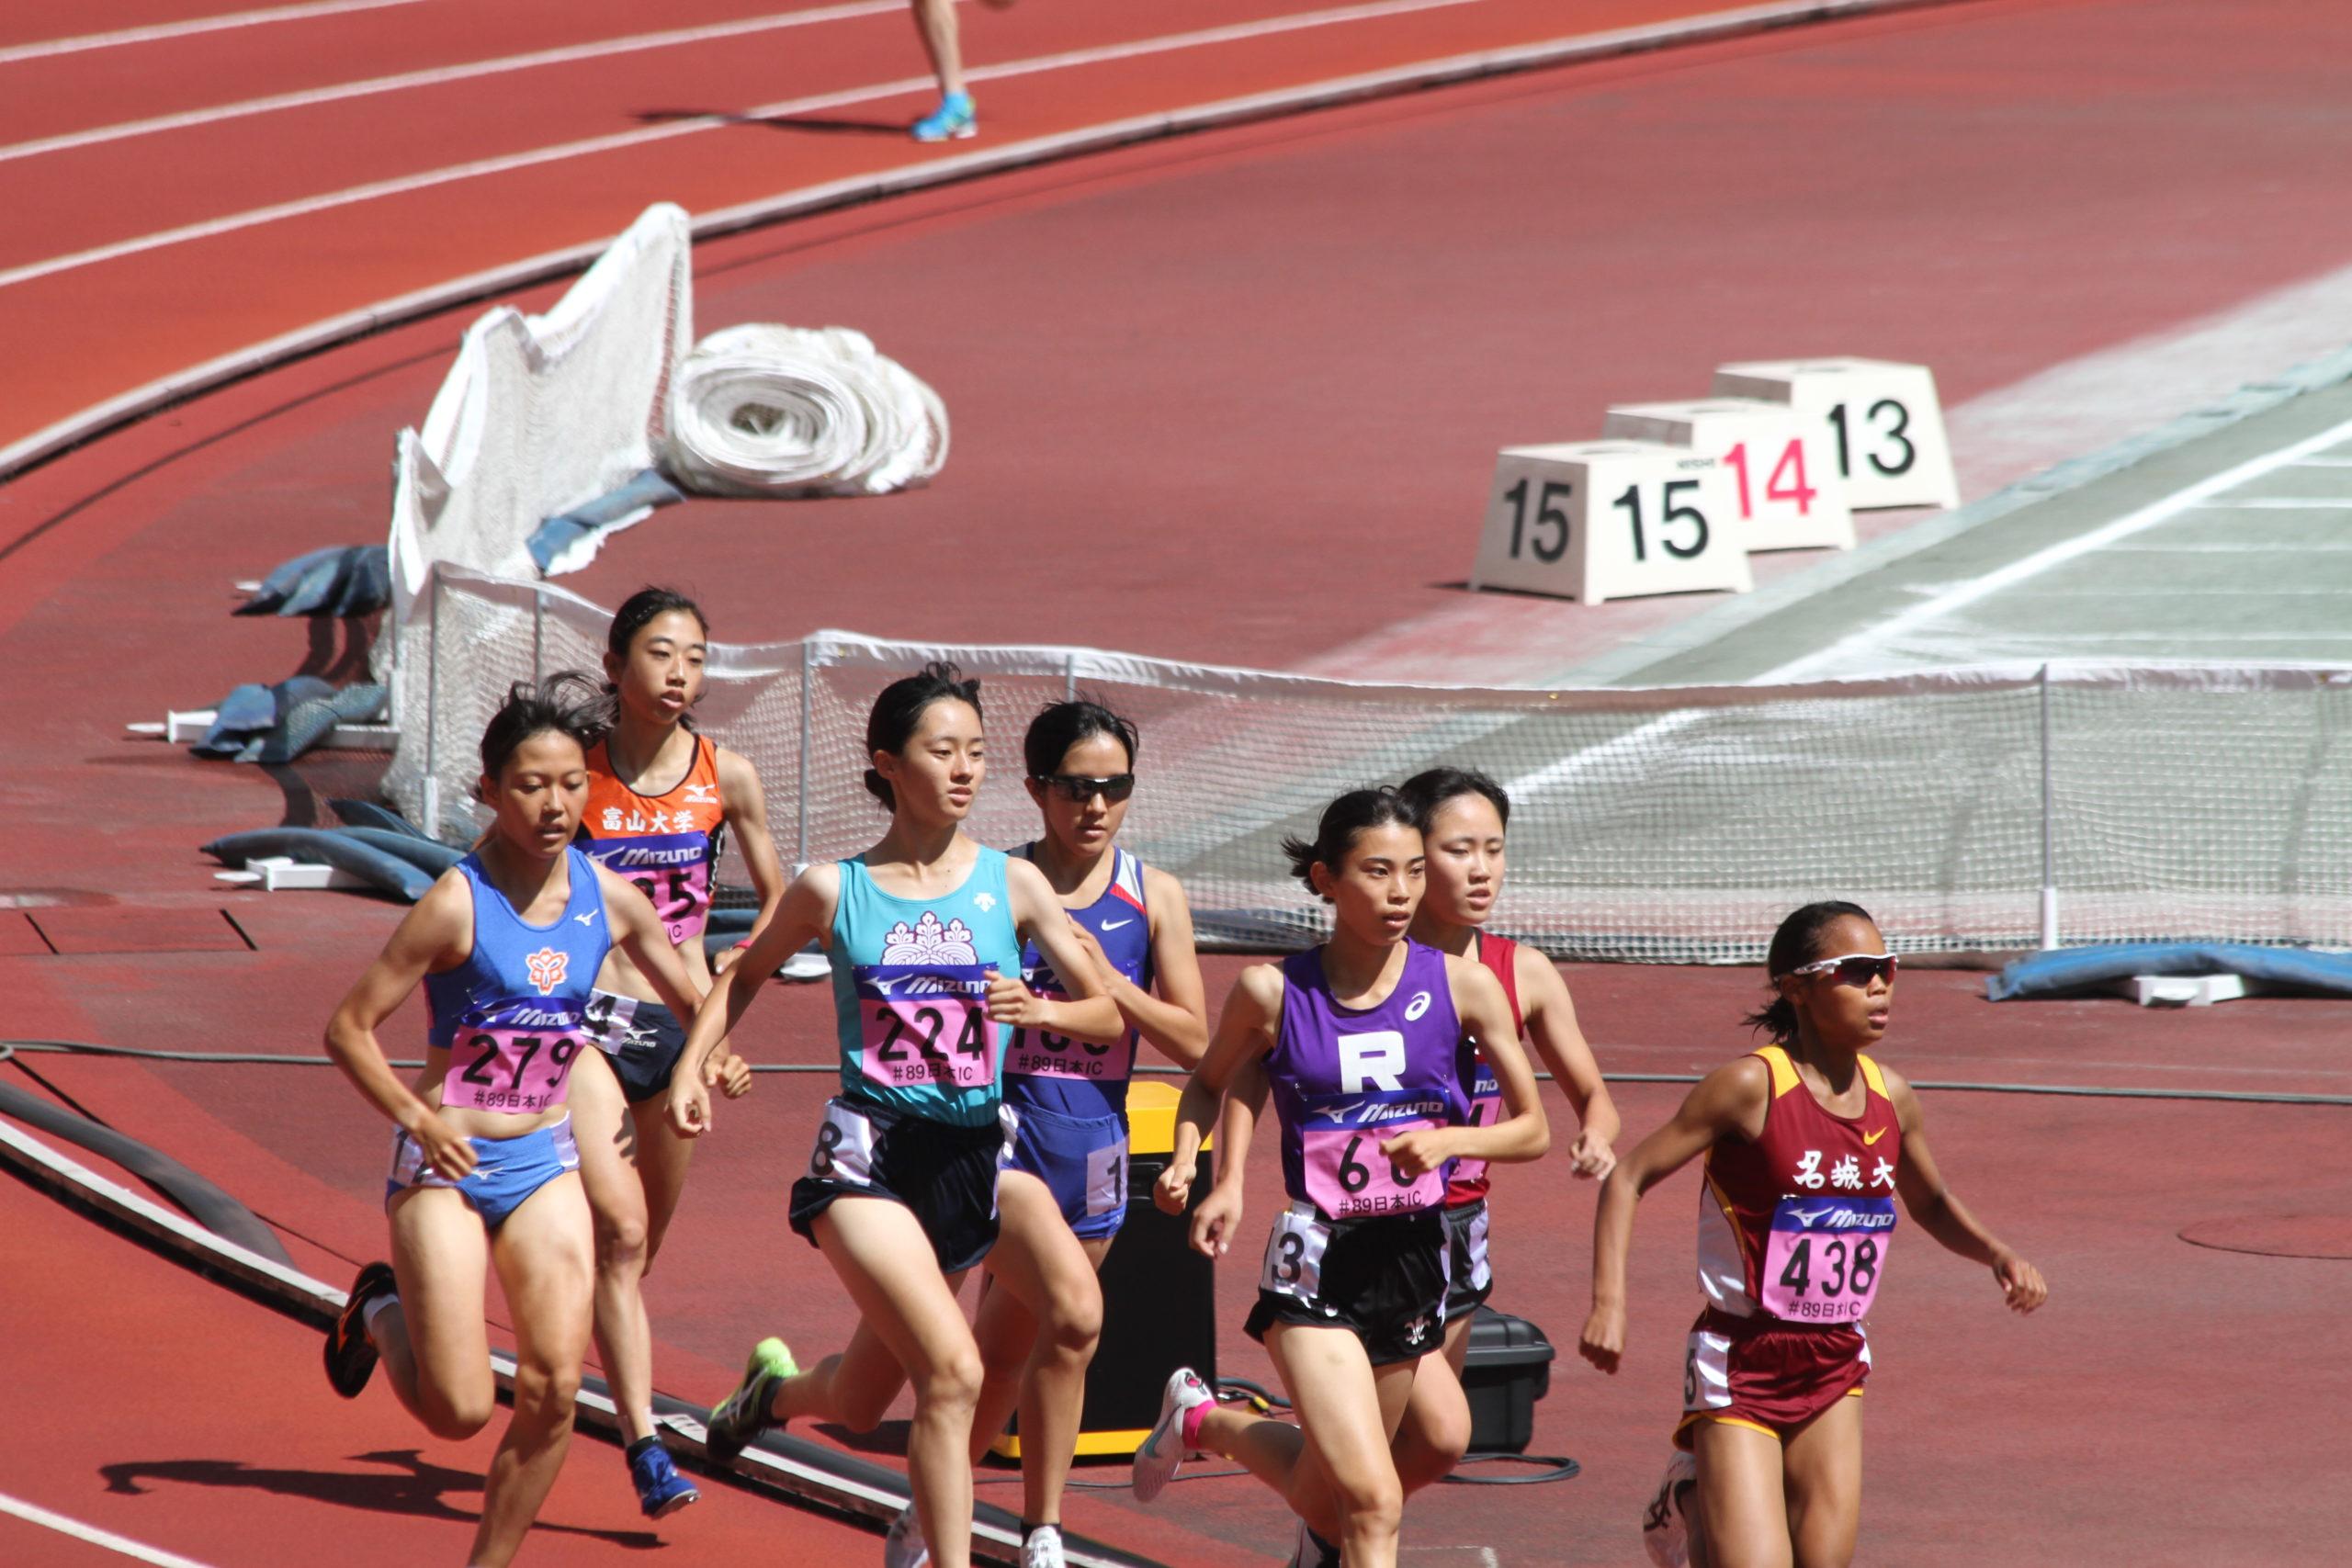 選手権 2020 日本 陸上